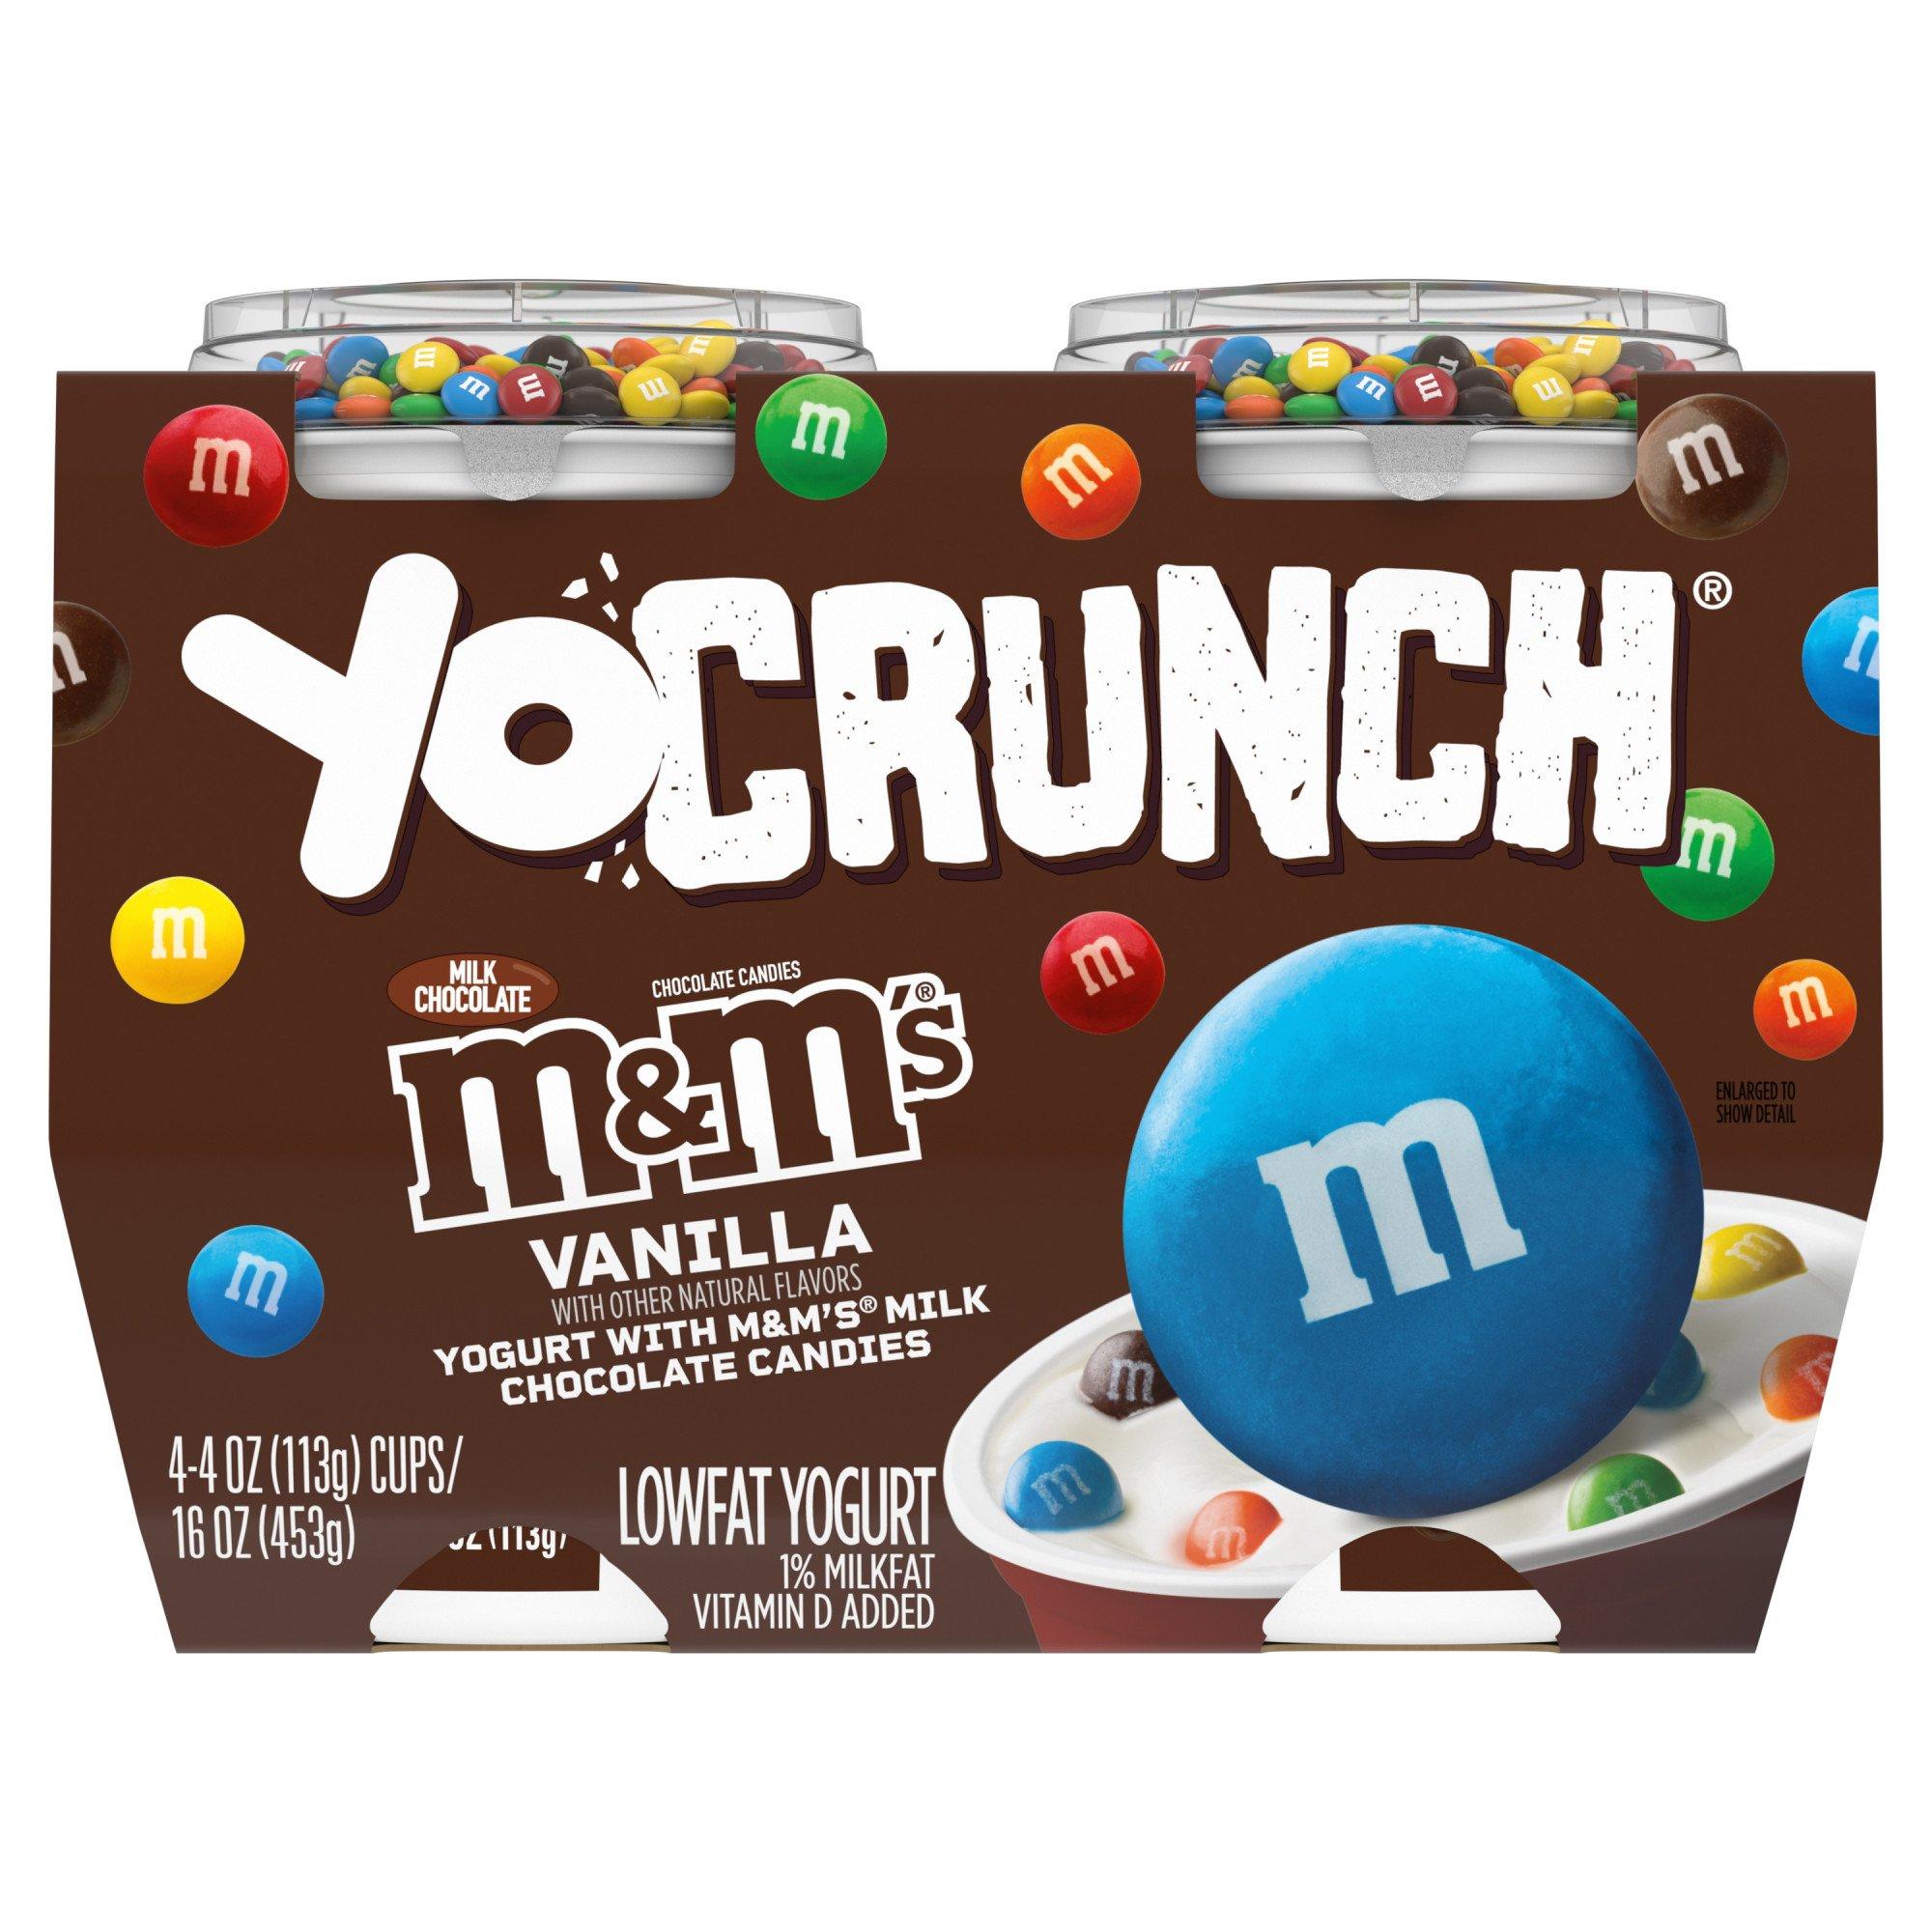 YoCrunch Low-Fat Vanilla Yogurt with